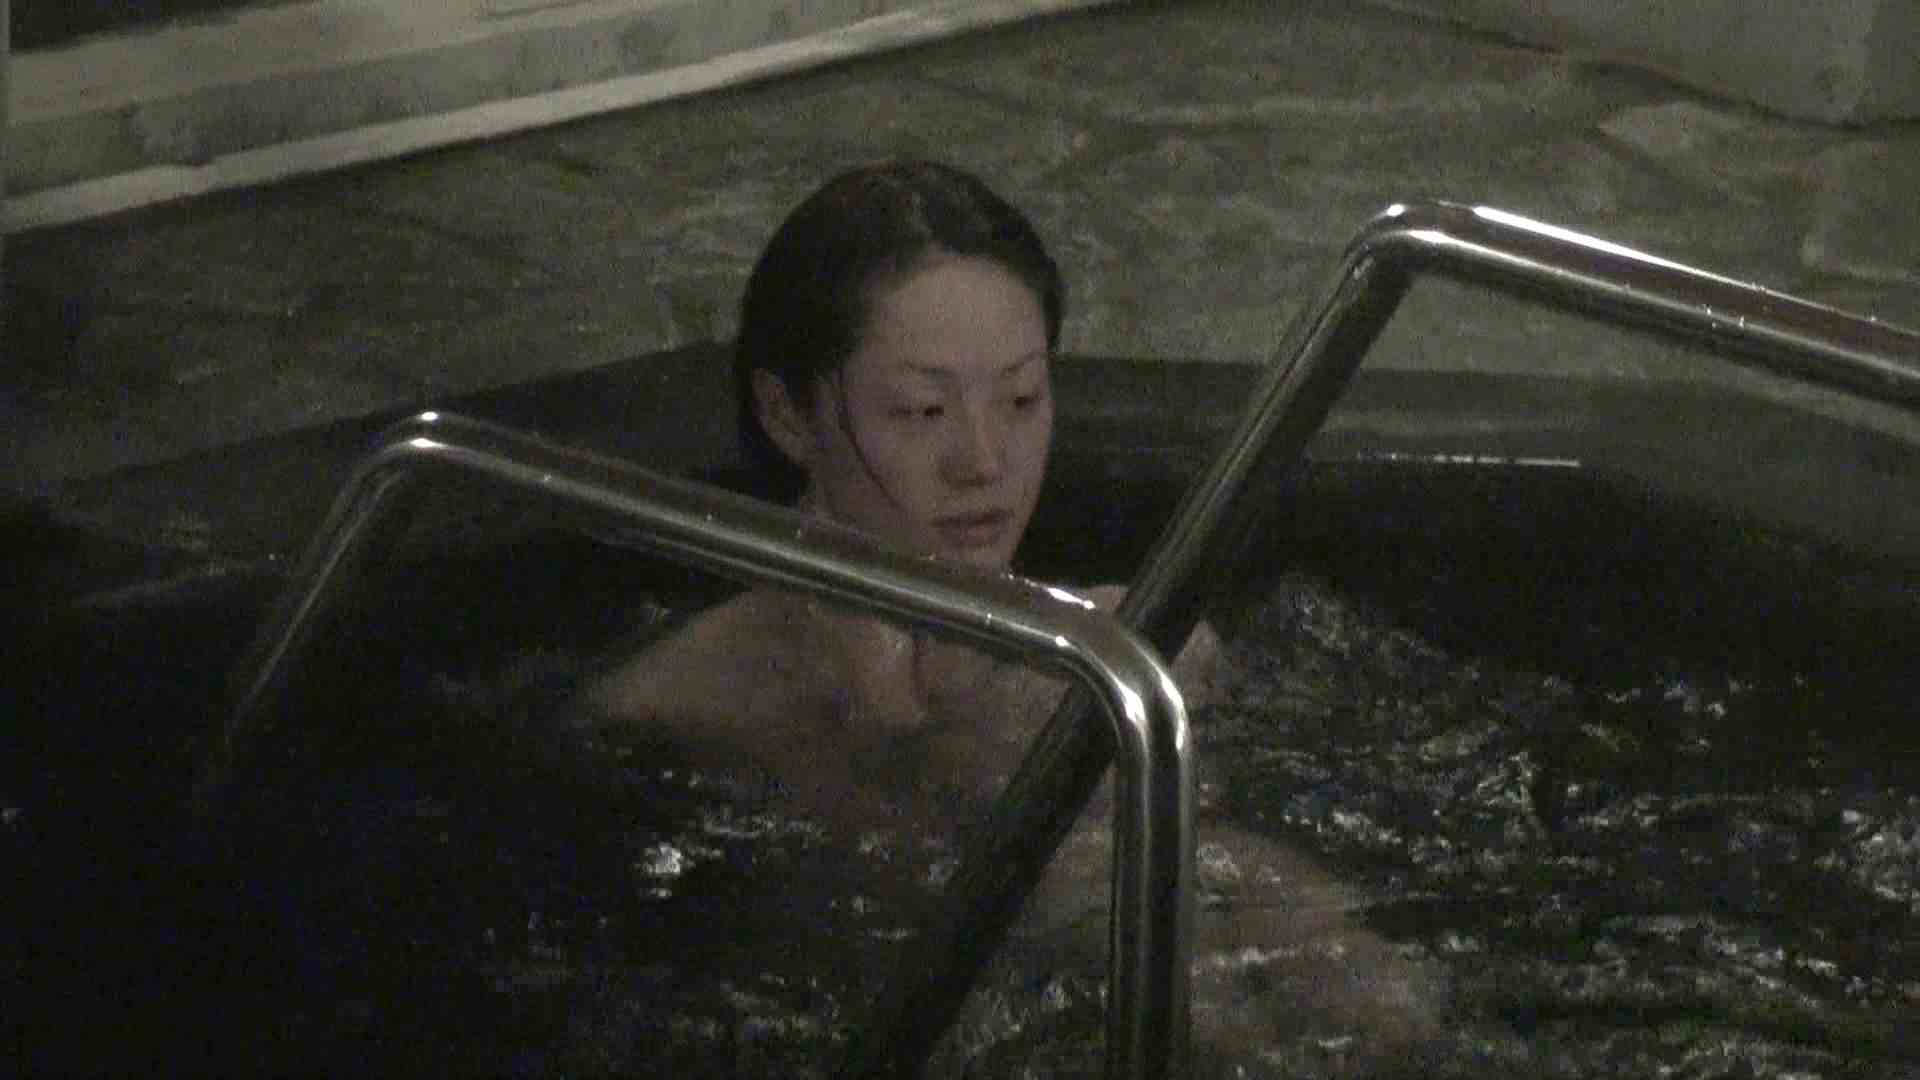 Aquaな露天風呂Vol.318 露天 | 盗撮  48画像 37